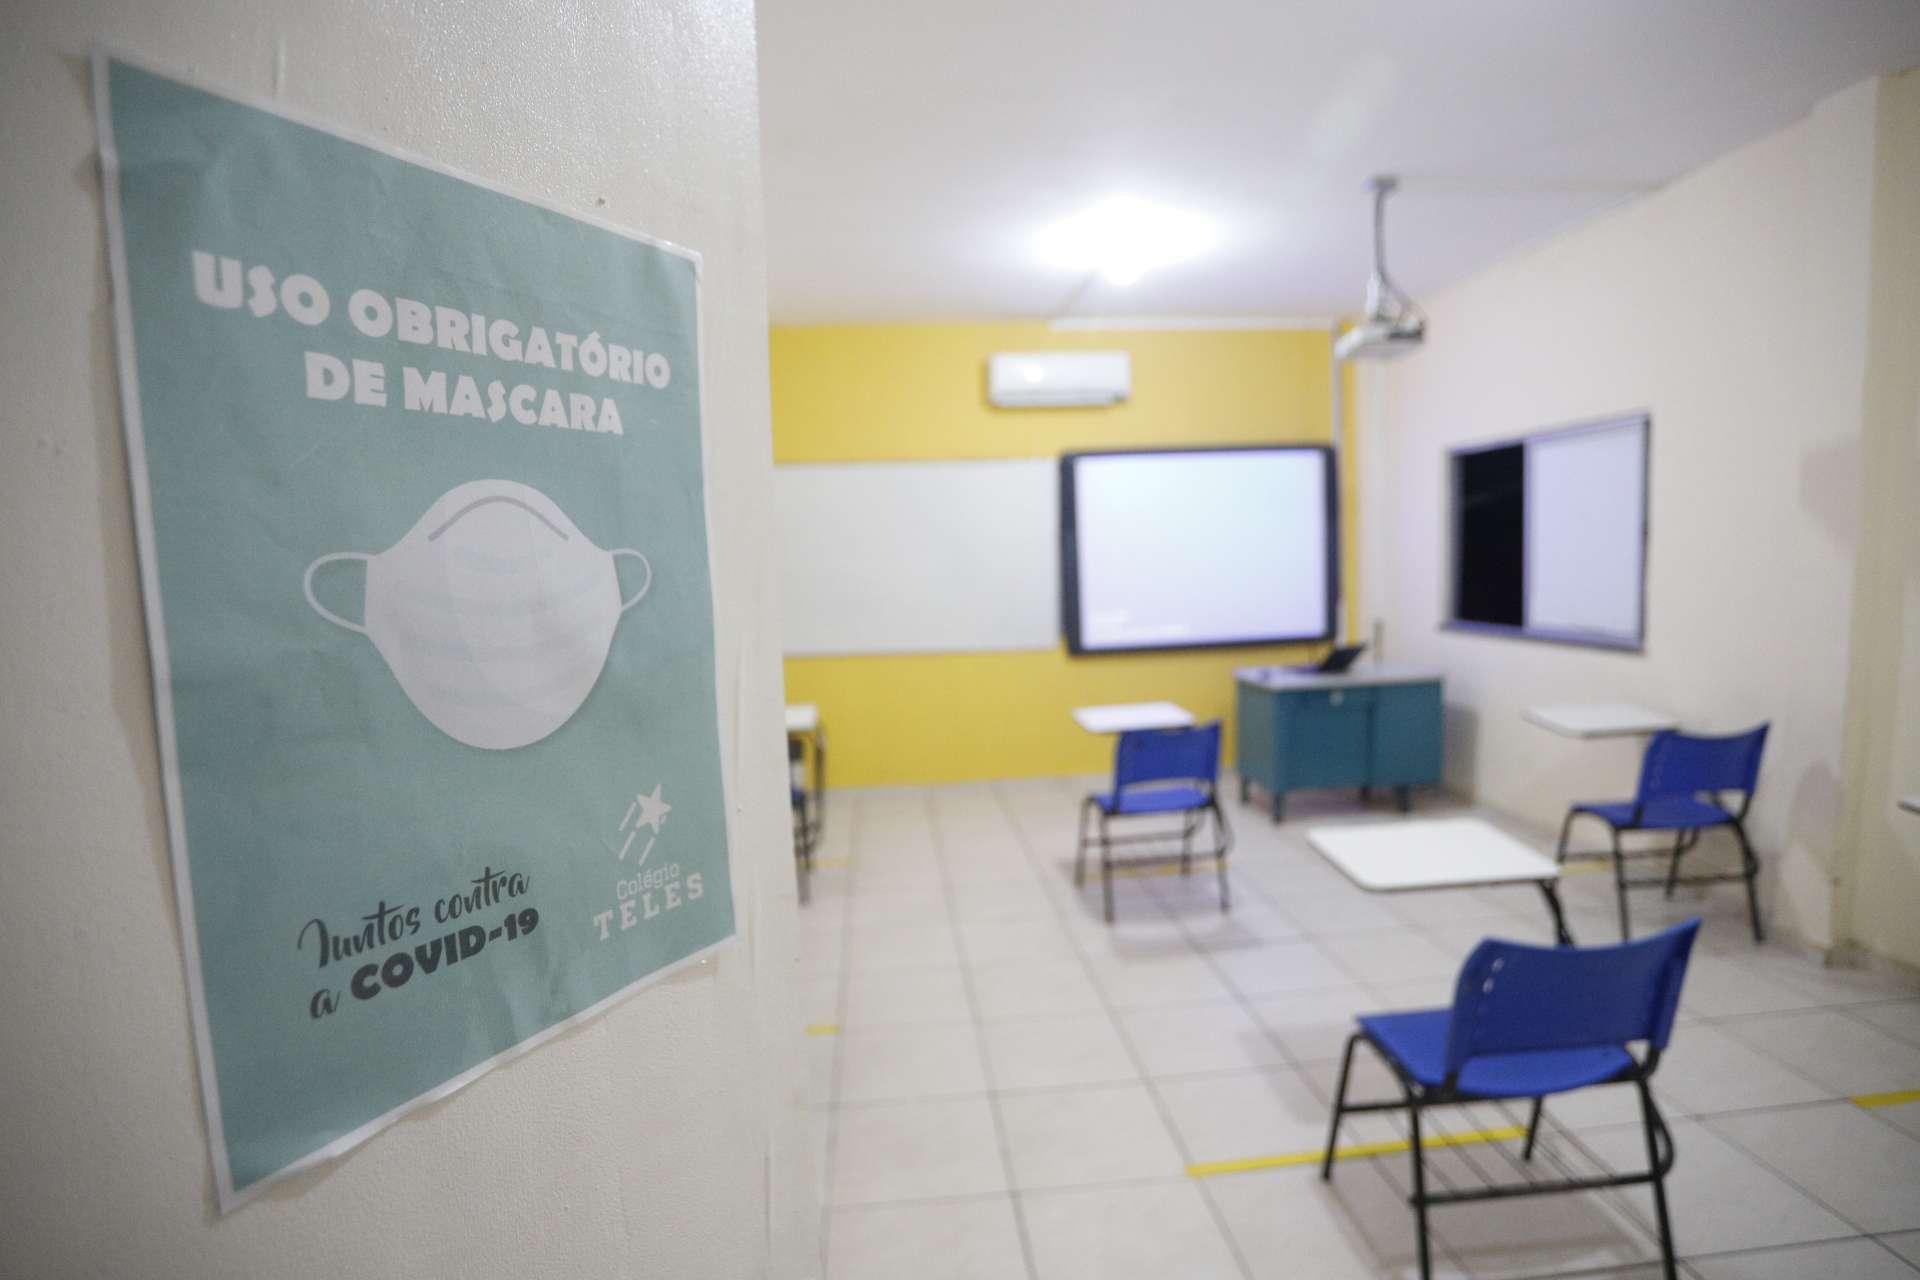 Escolas particulares se preparam para o retorno às aulas: distanciamento e uso obrigatório de máscara são algumas das exigências do protocolo de biossegurança (FCO FONTENELE/O POVO)